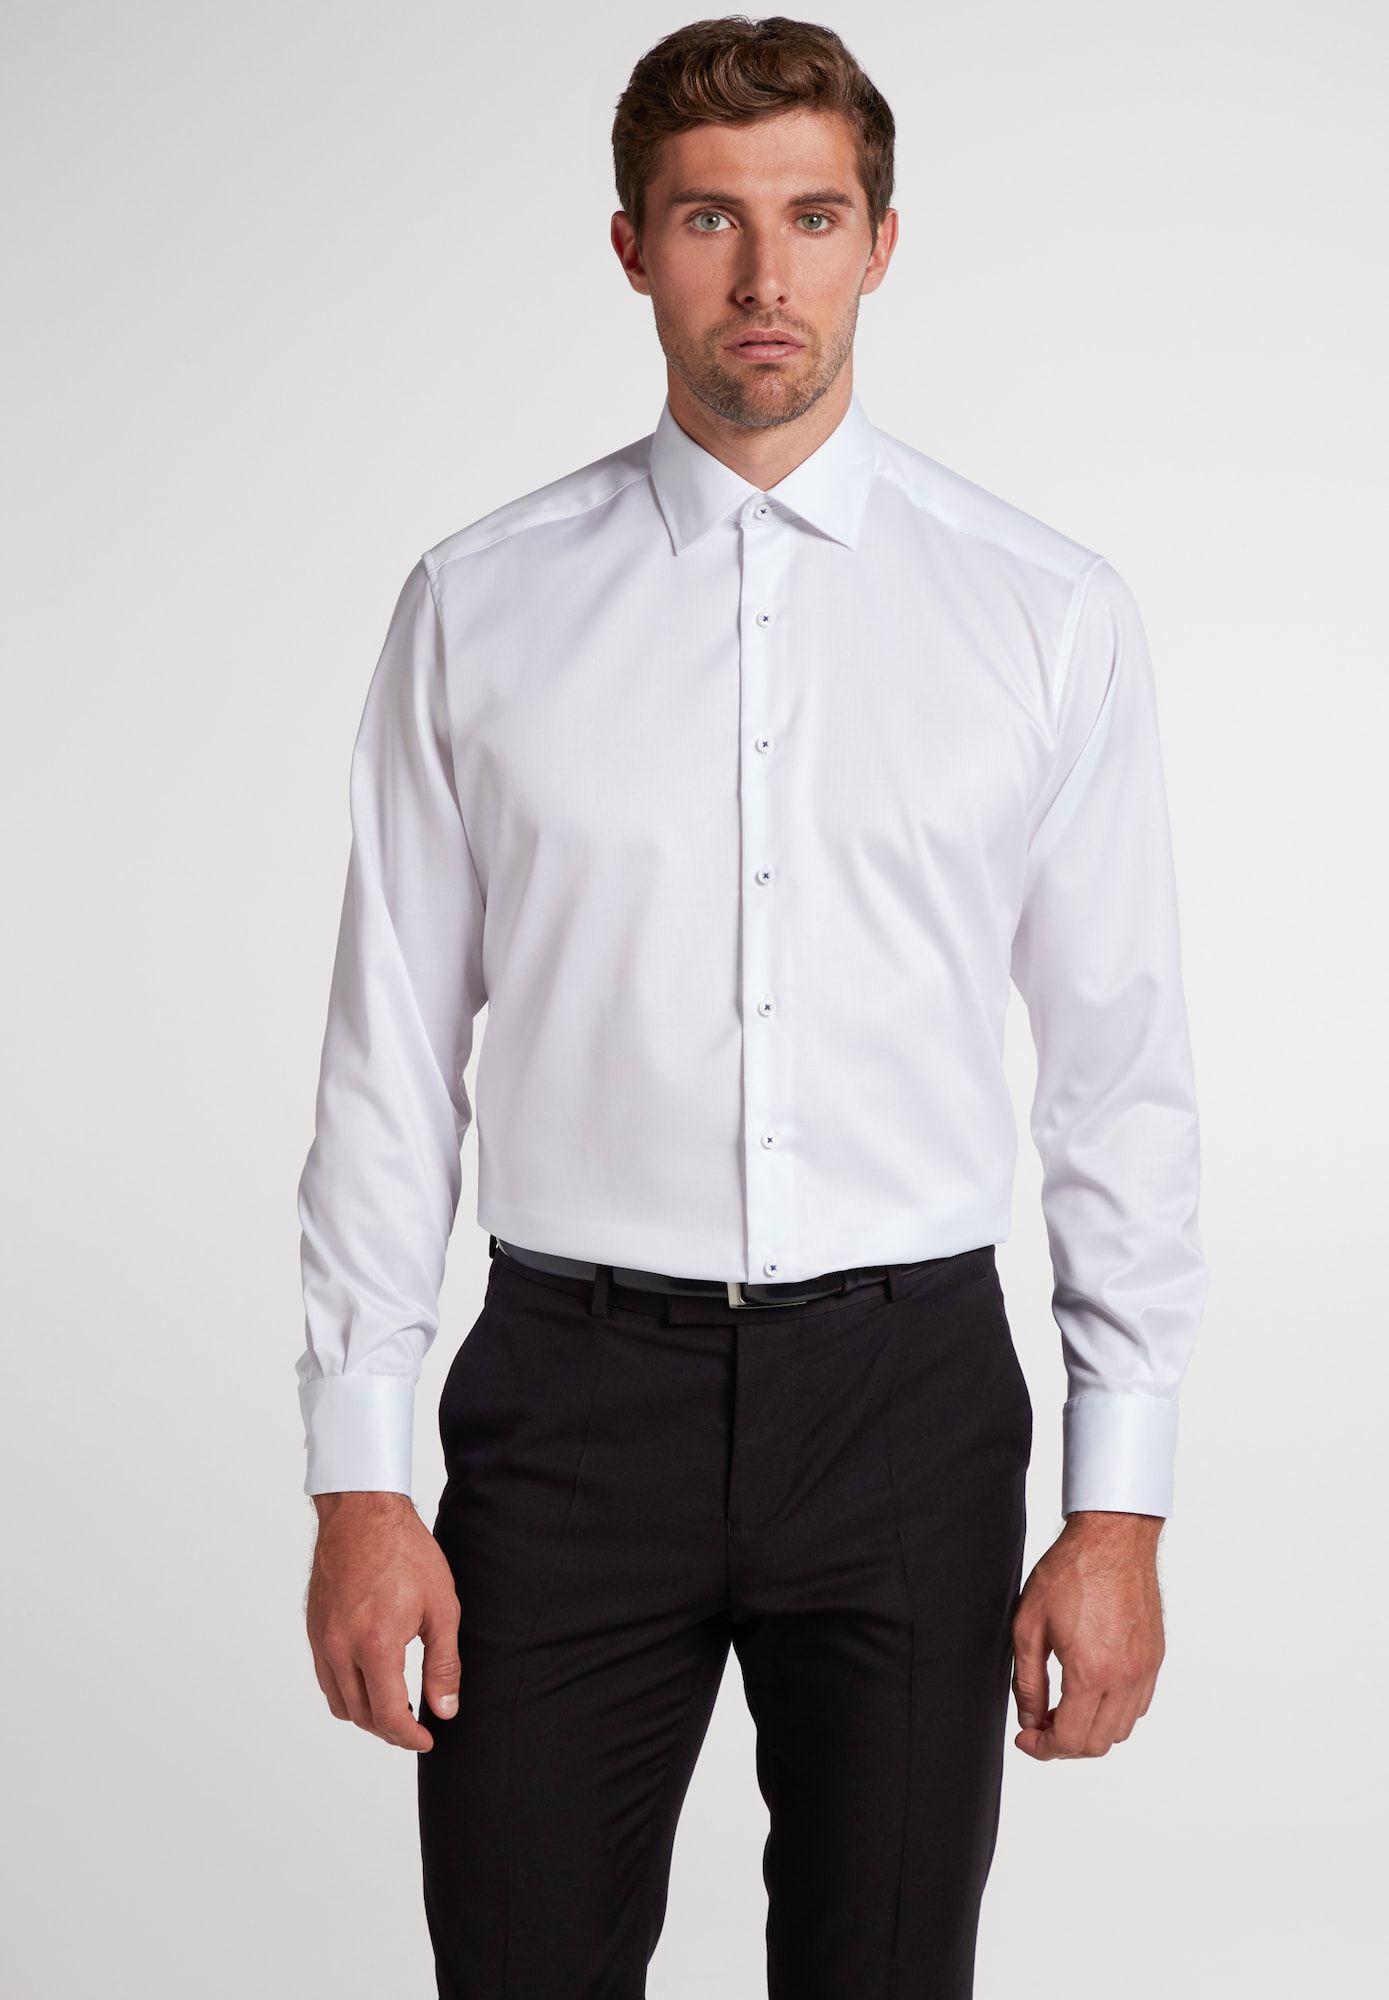 Eterna Hemd Herren Weiss Grosse 48 Hemd Eterna Hemden Hemdkragen